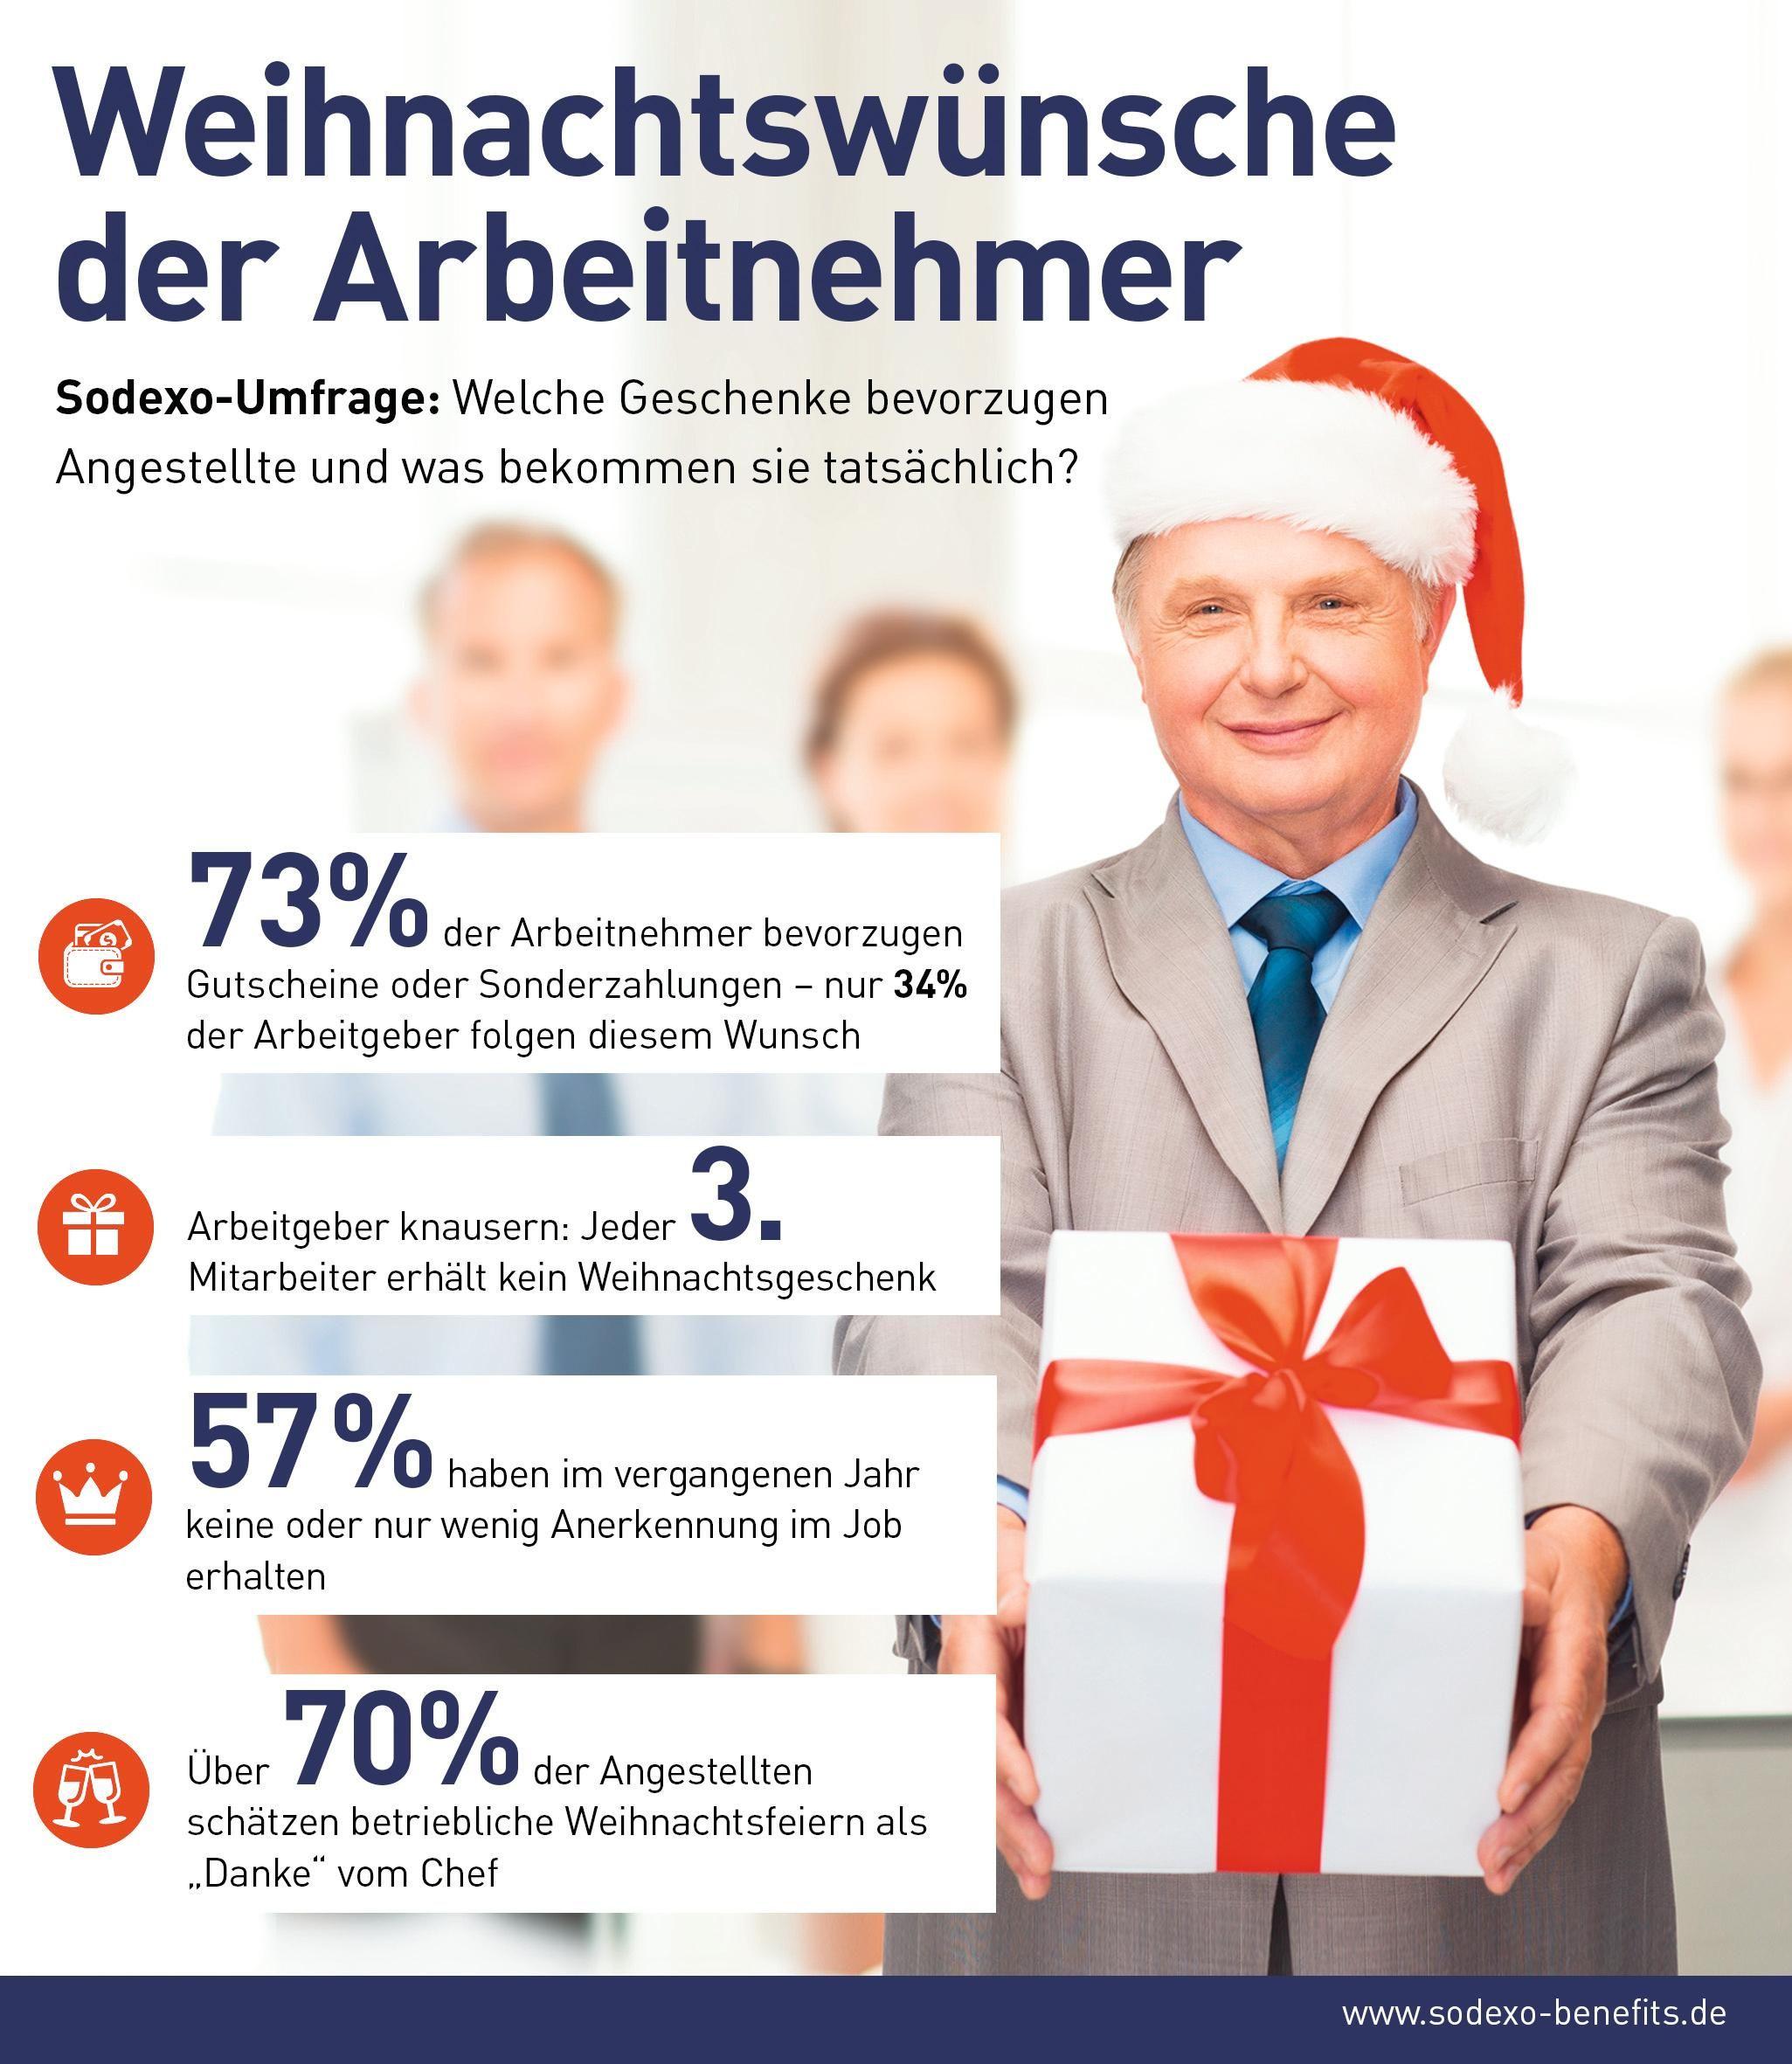 Weihnachtsgeschenk Mitarbeiter Neu Jahr 2019 Weihnachtsgeschenke Mitarbeiter Mitarbeiter Weihnachtswunsche